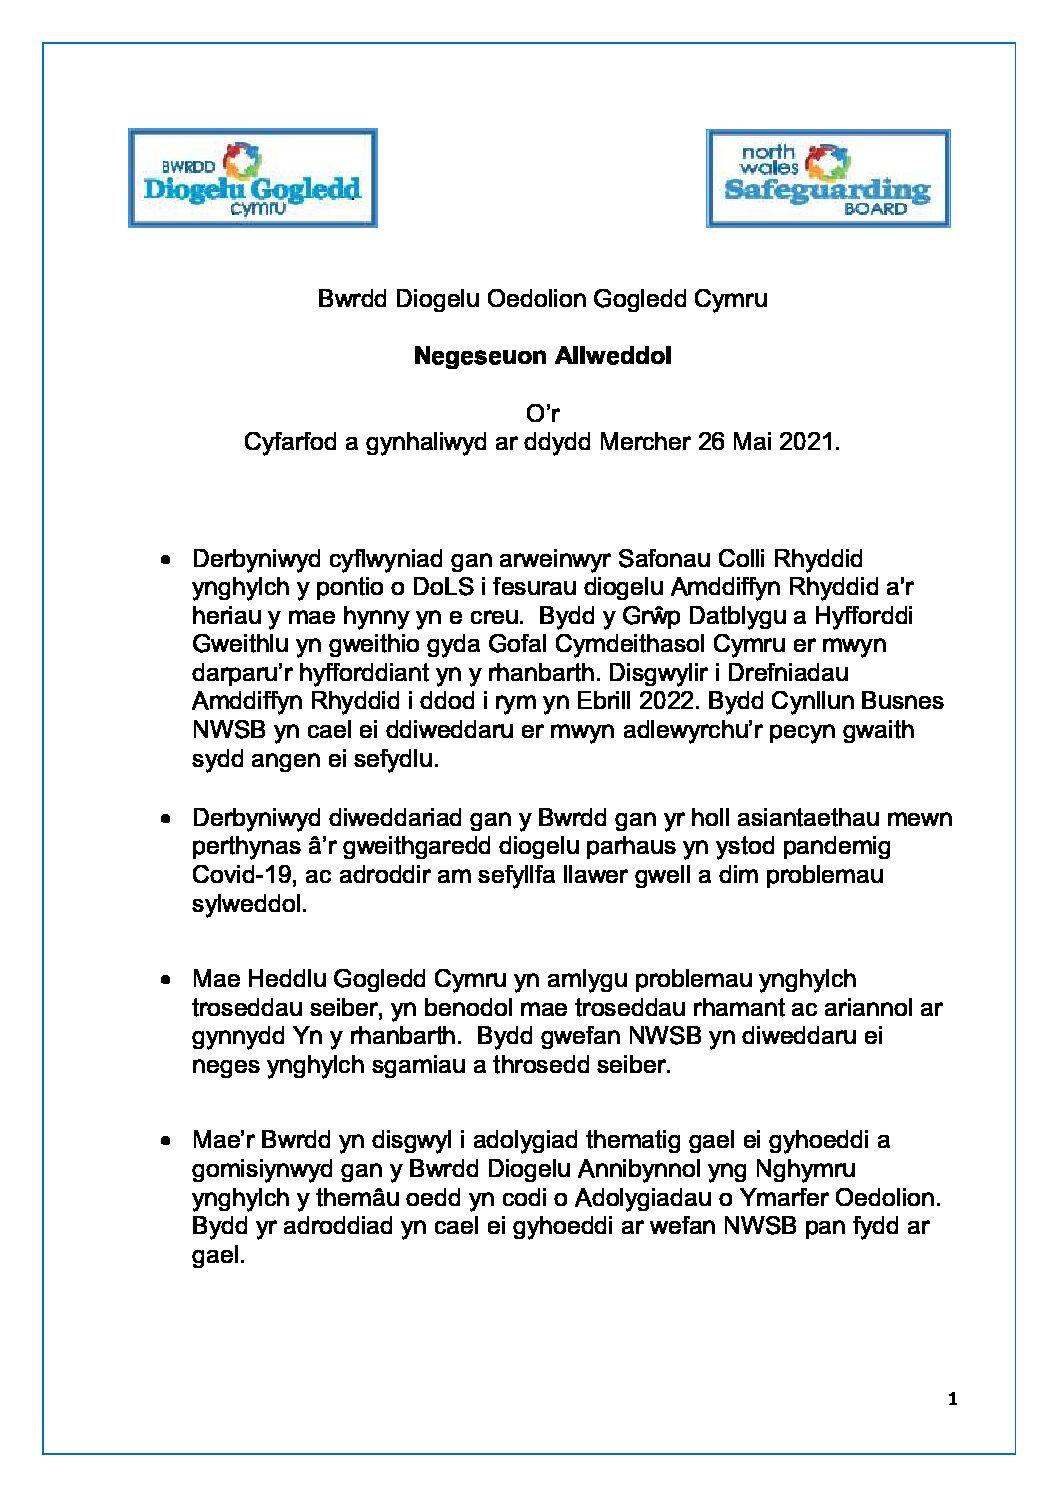 BDOGC Negeseuon Allweddol Mai 2021